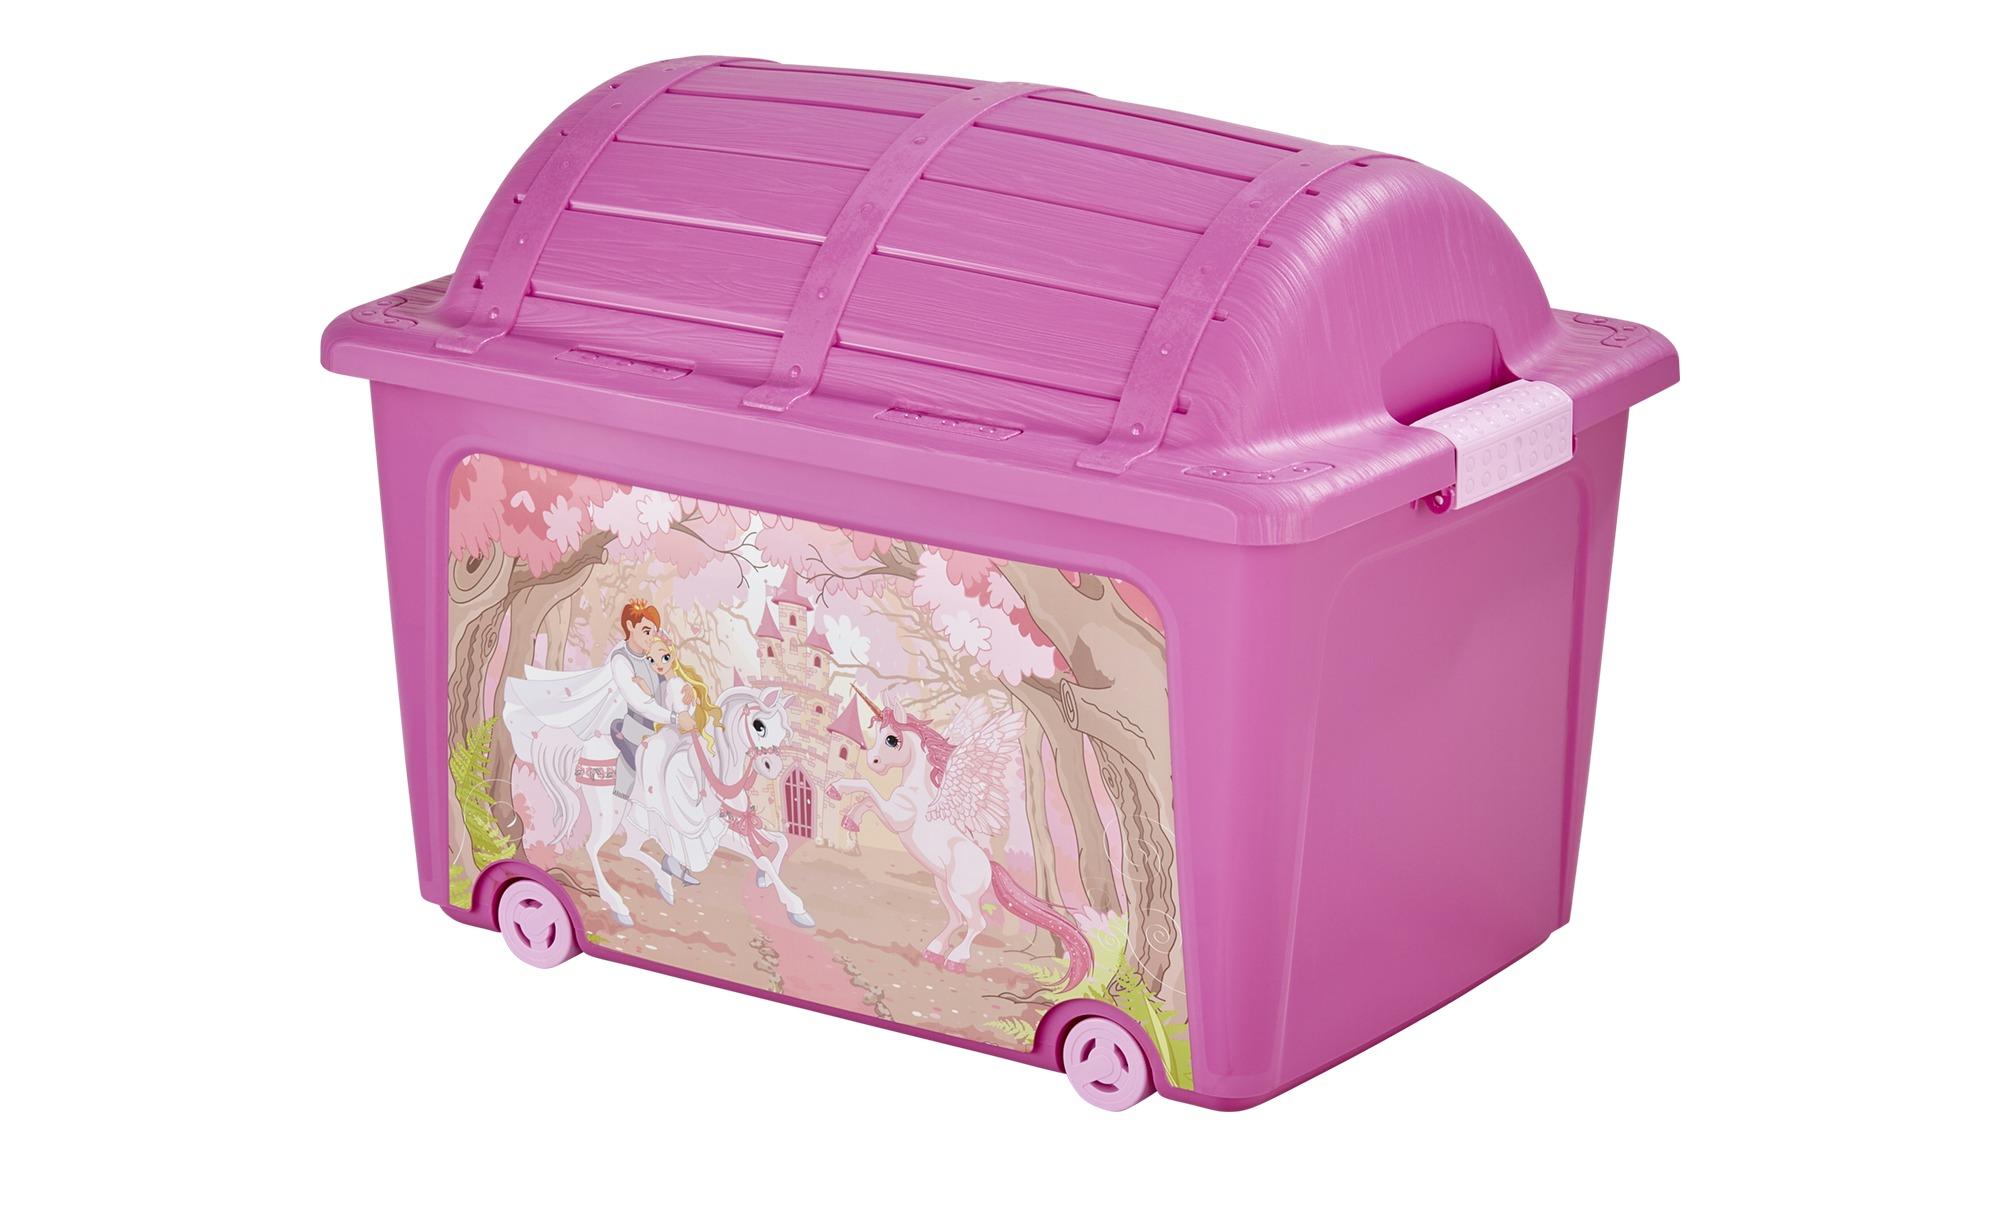 Aufbewahrungs-Box, Toy Style  Princess ¦ rosa/pink ¦ Kunststoff ¦ Maße (cm): B: 39 H: 42,5 Baby > Unterwegs > Boxen - Höffner   Garten > Gartenmöbel > Aufbewahrung   Rosa/pink   Kunststoff   Möbel Höffner DE